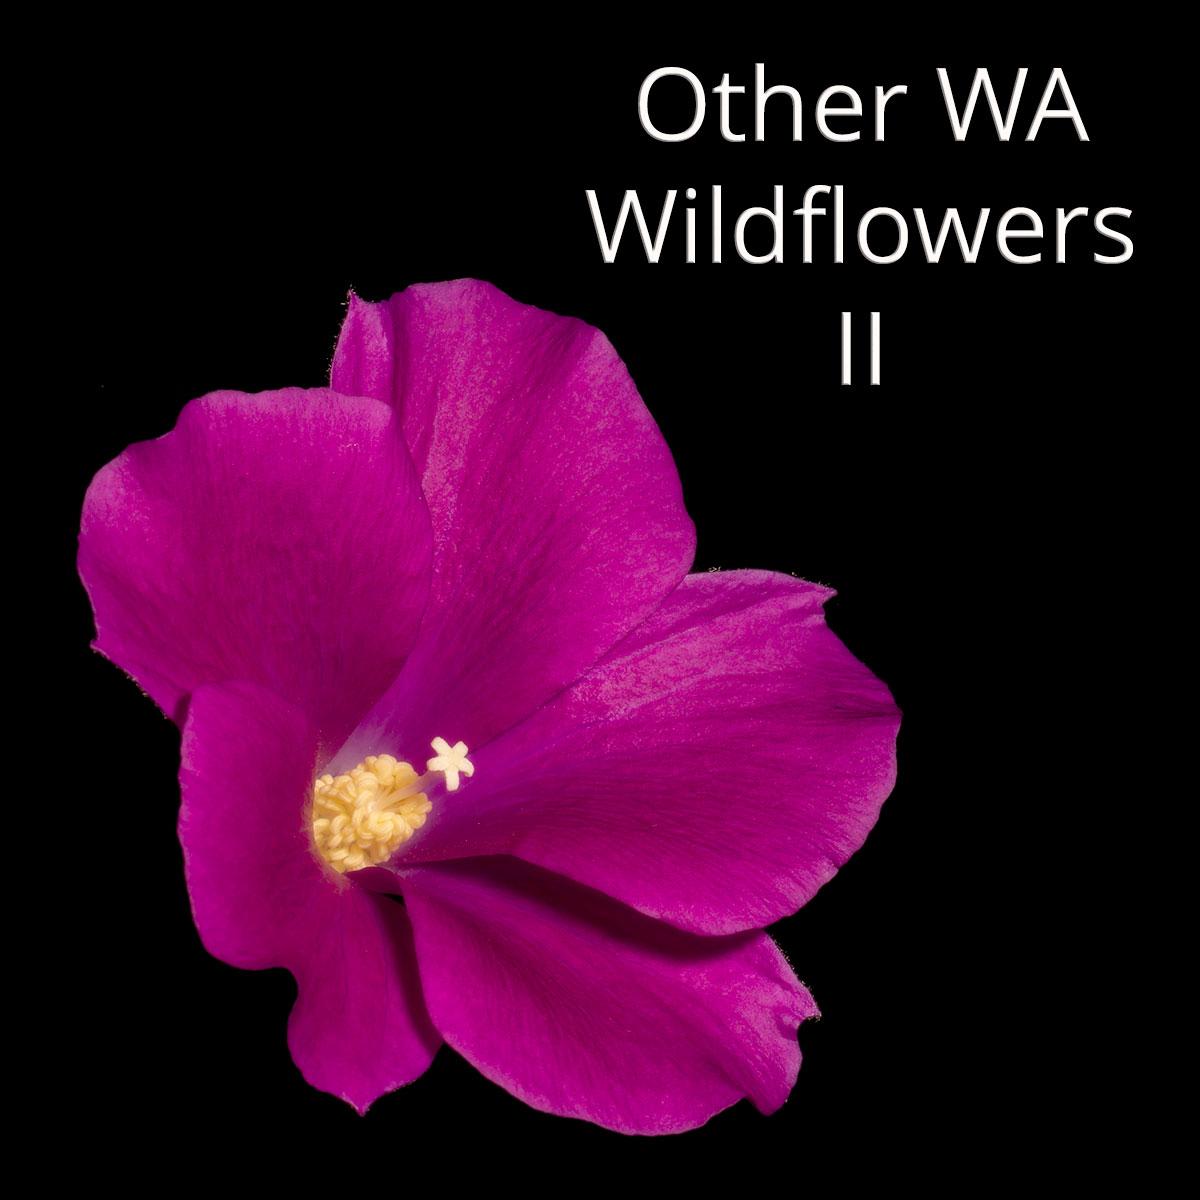 Other WA wildflowers gallery II (image: lilac hibiscus, Alyogyne huegelii)